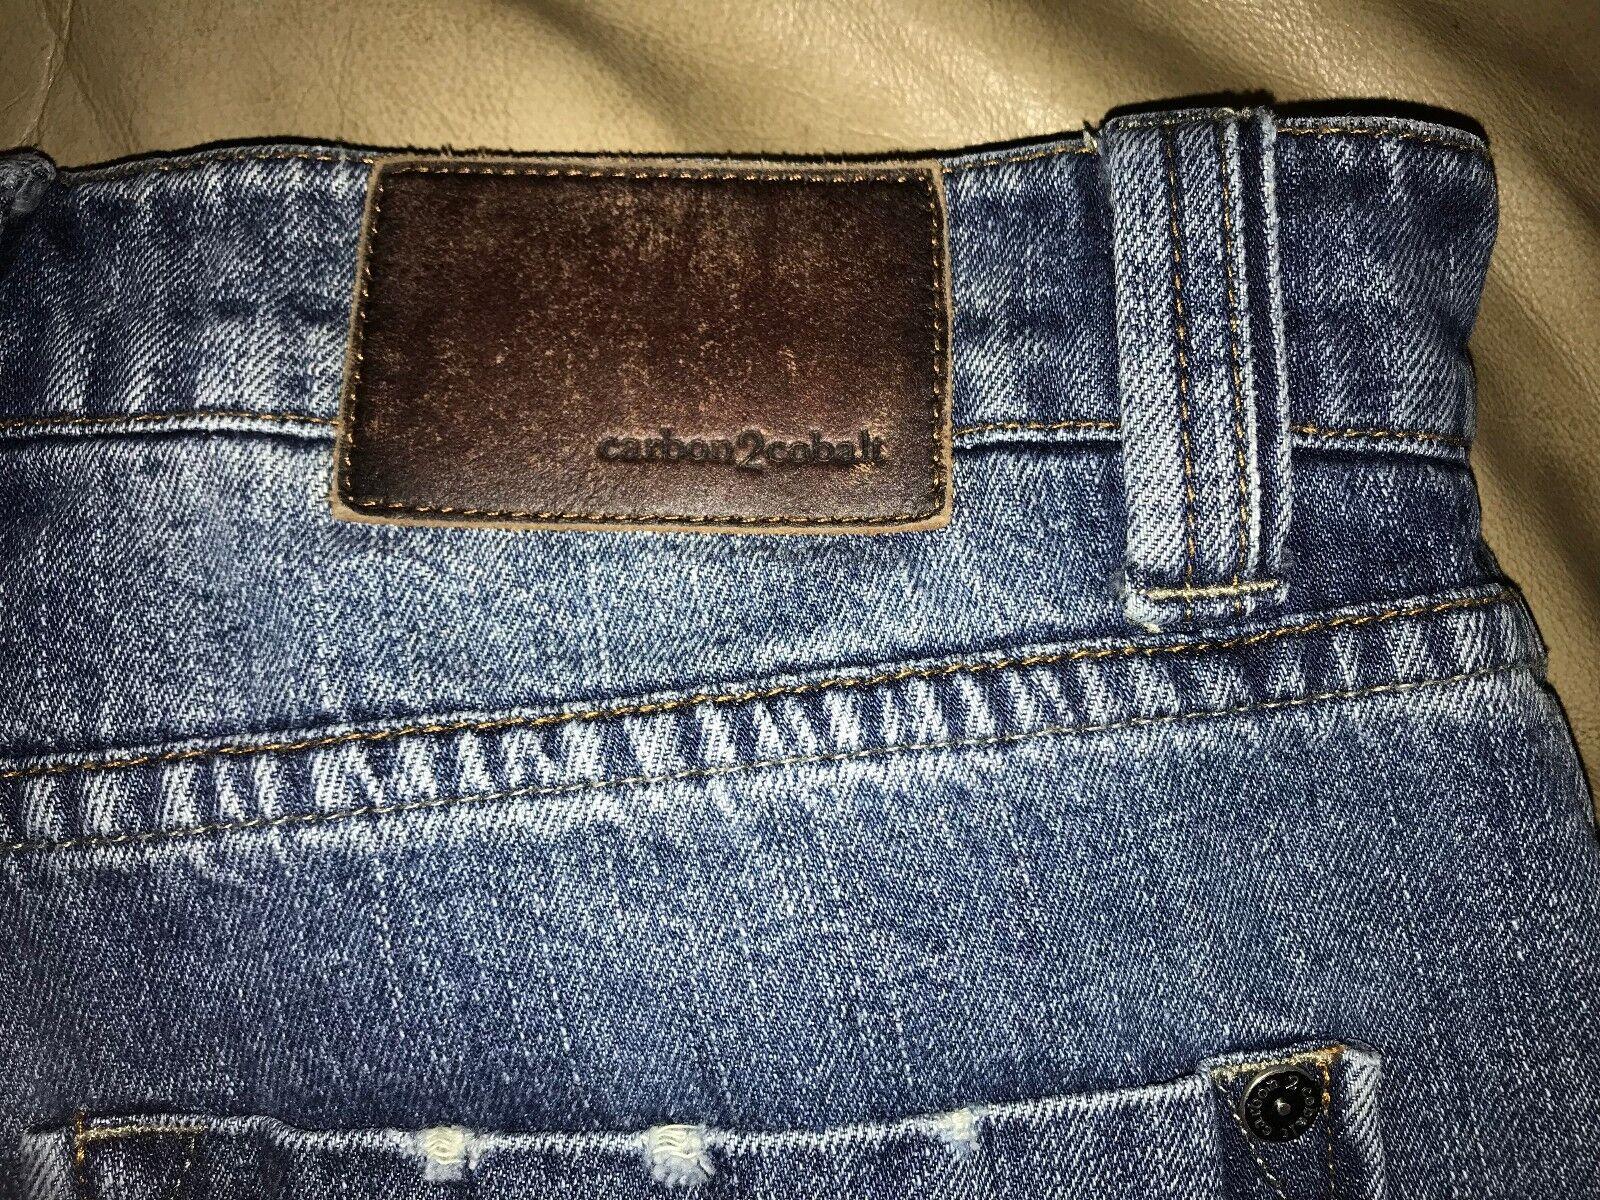 Carbon 2 Cobalt (C2C), bluee jeans^^Actual size is 33